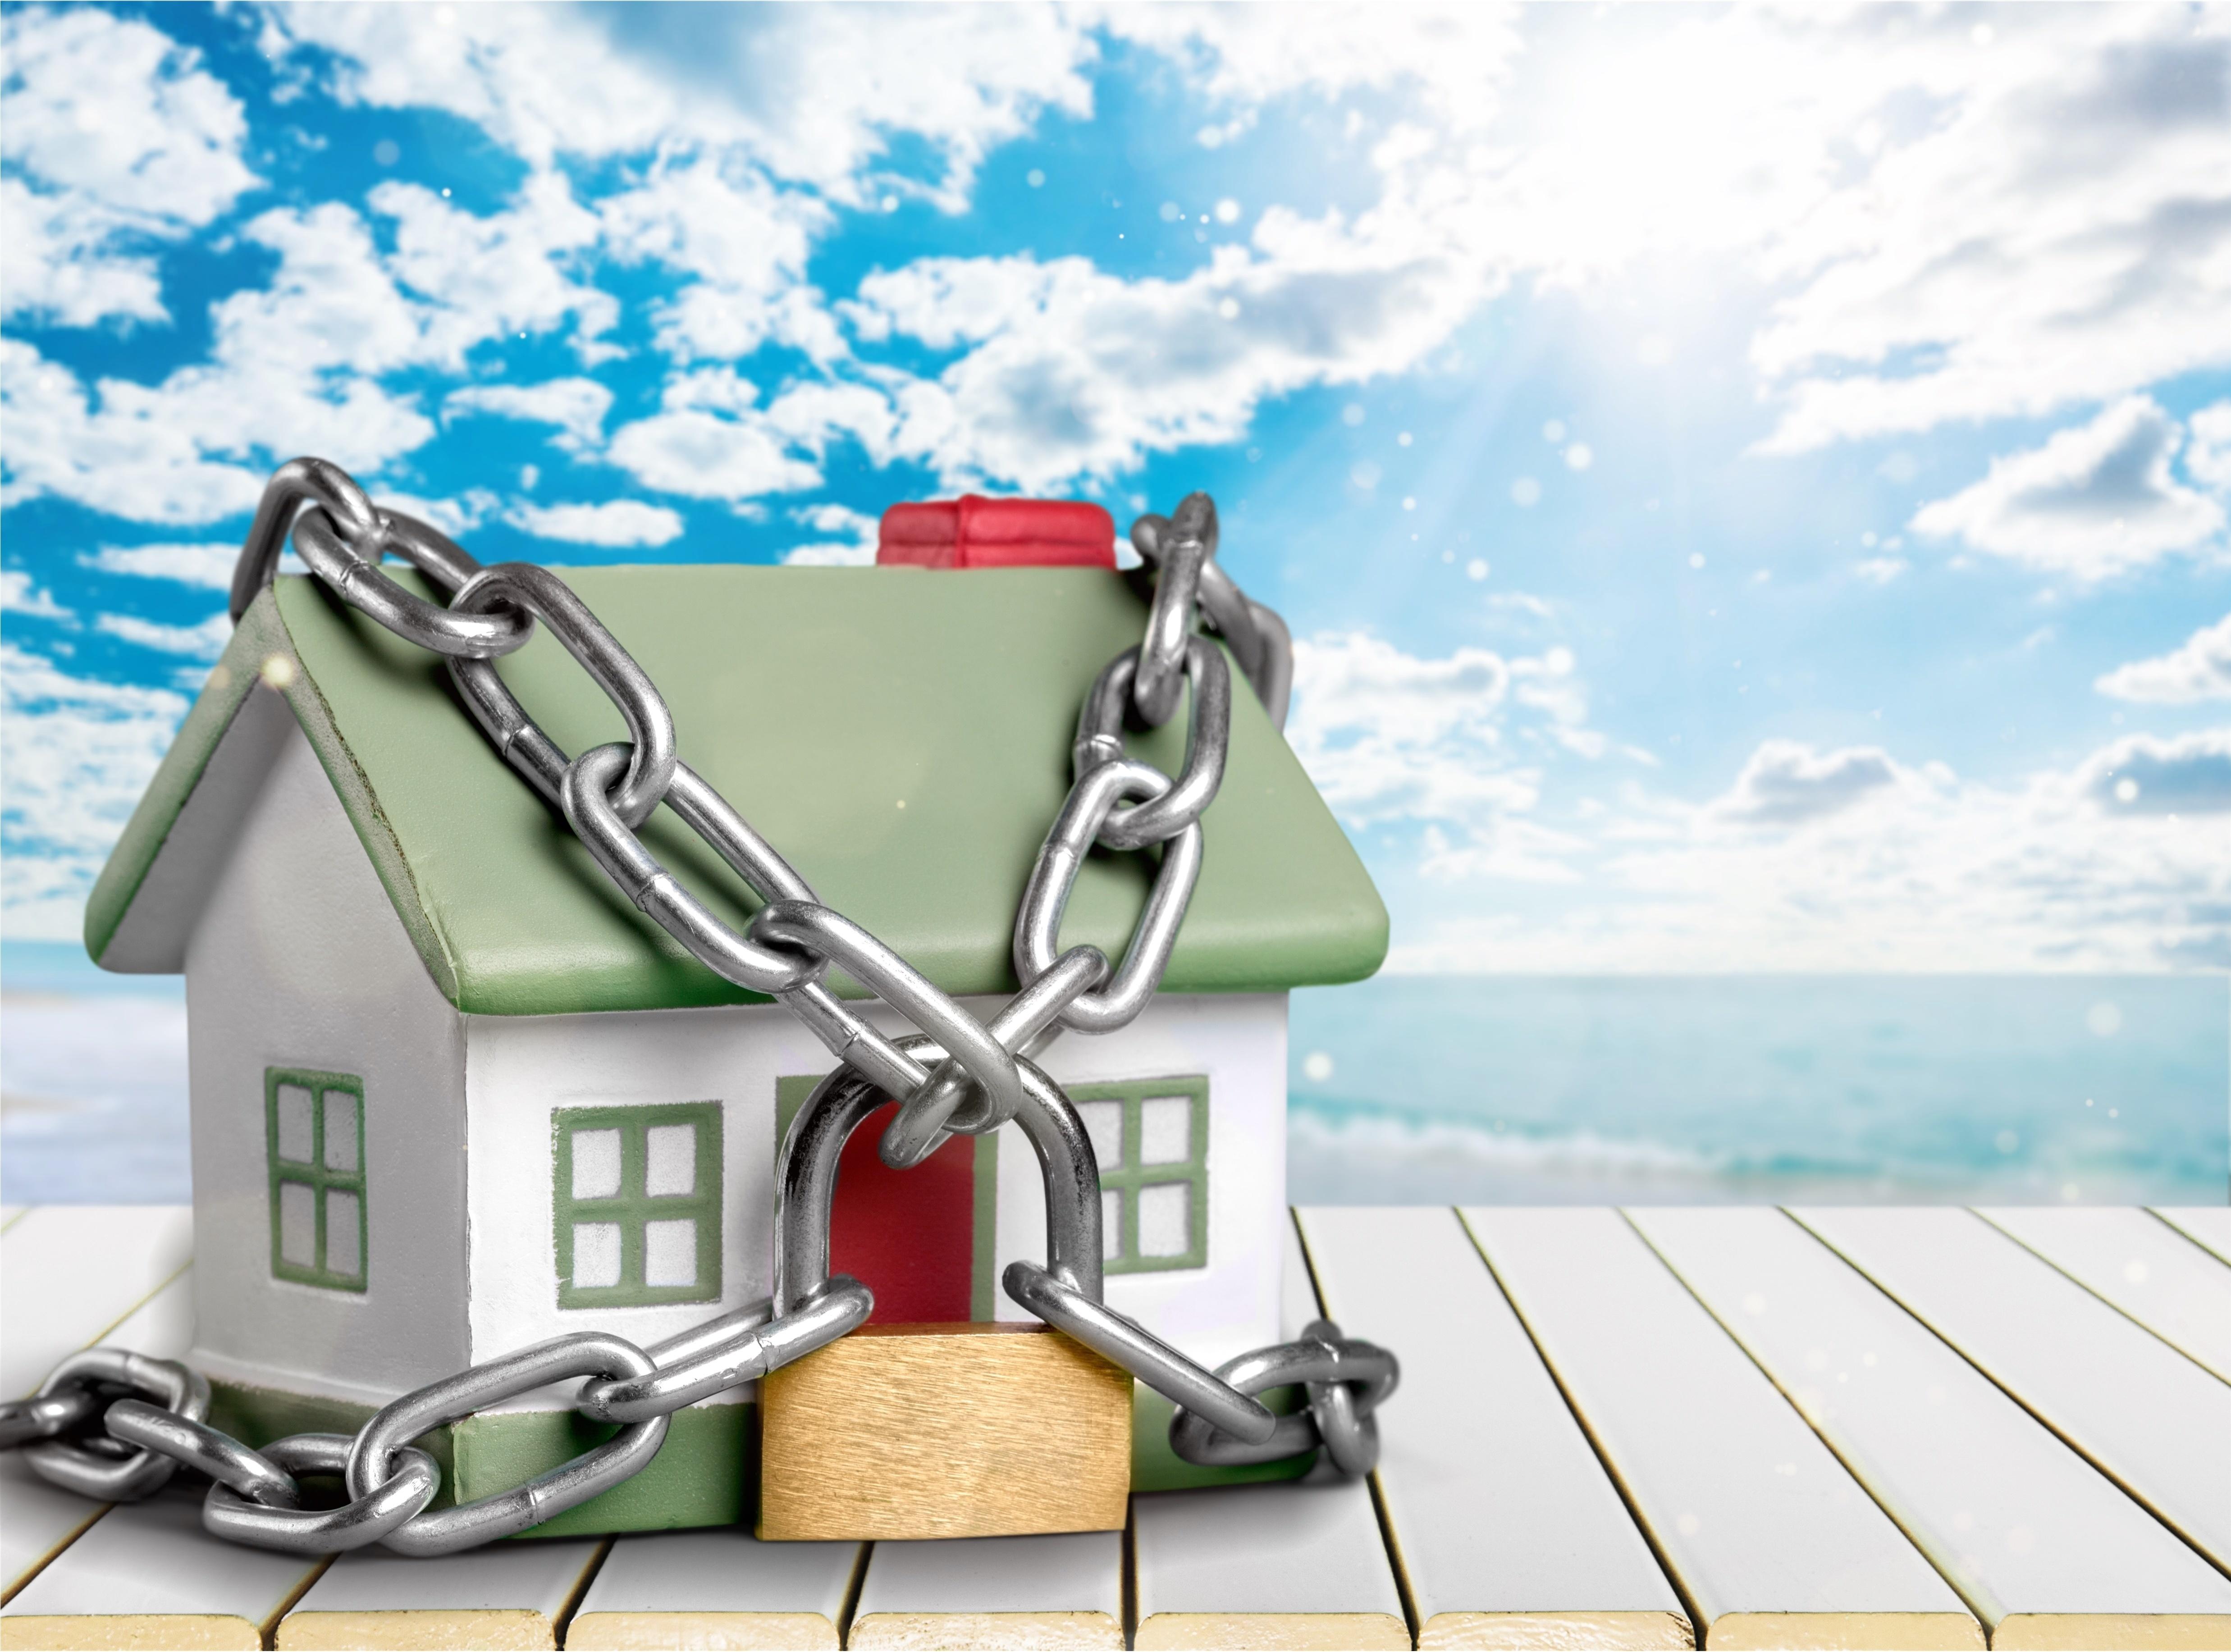 Seguretat per a la vostra casa quan marxeu de vacances